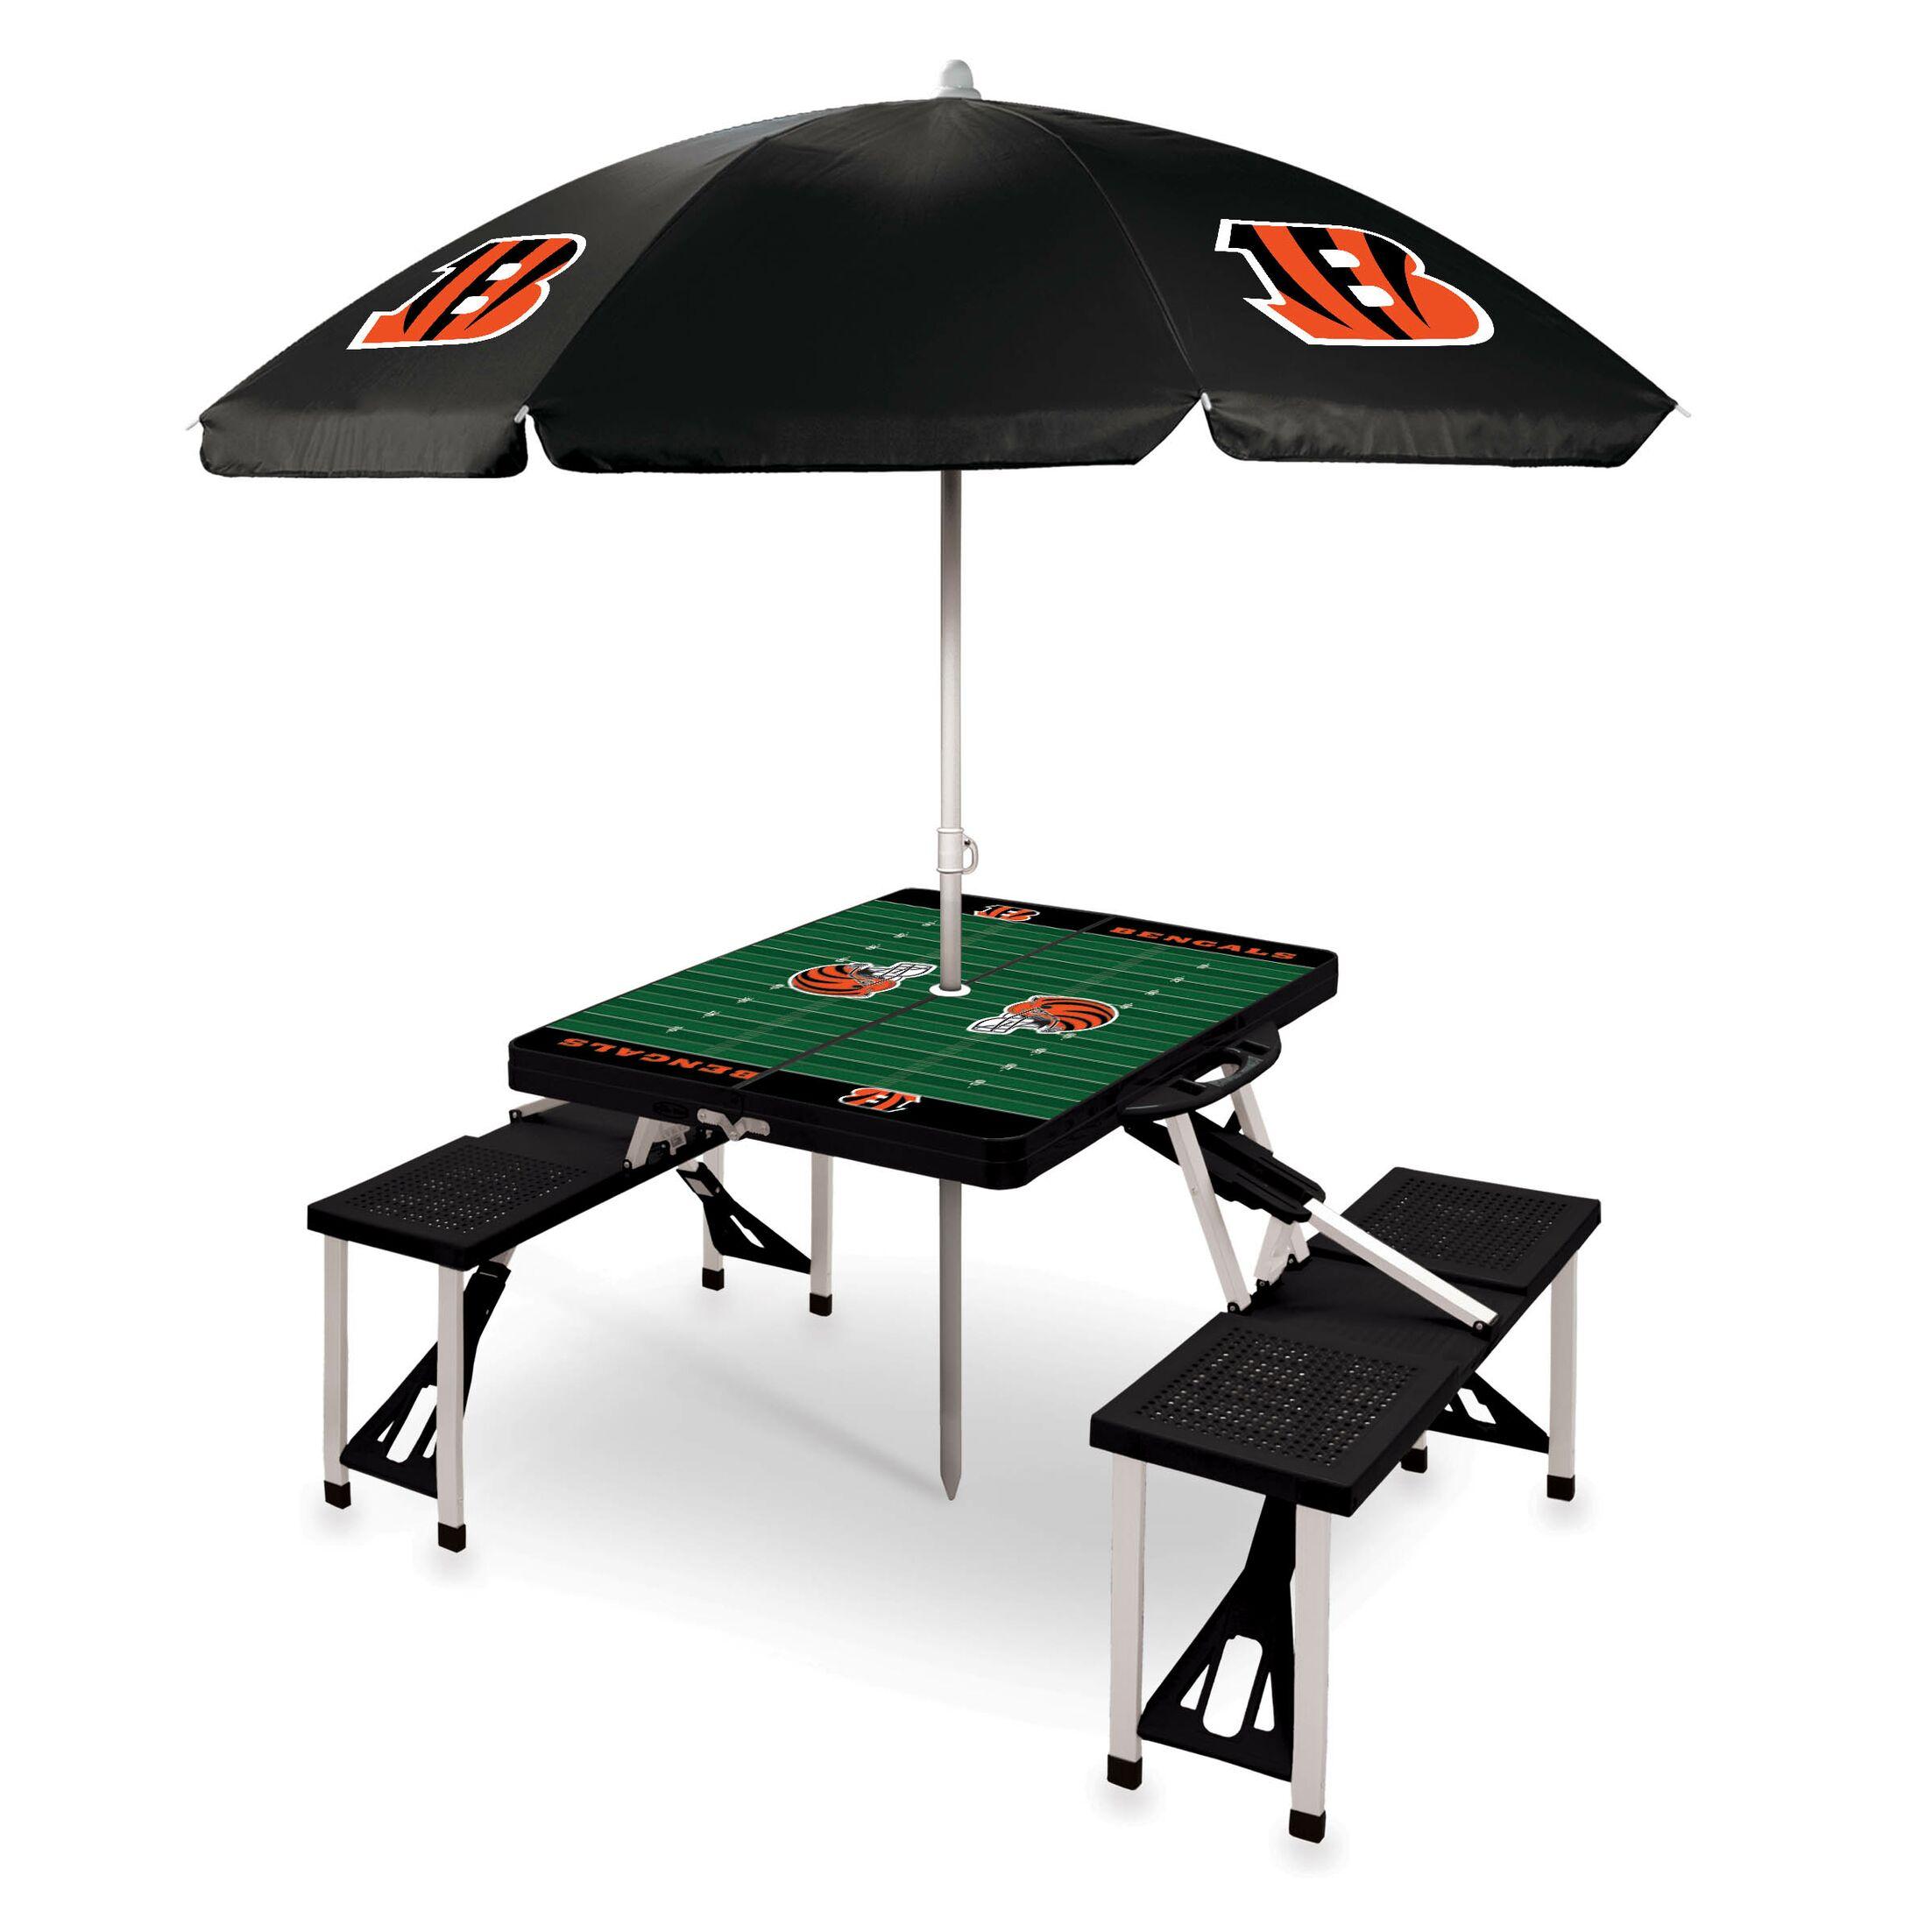 Picnic Table NFL Team: Cincinnati Bengals/Black